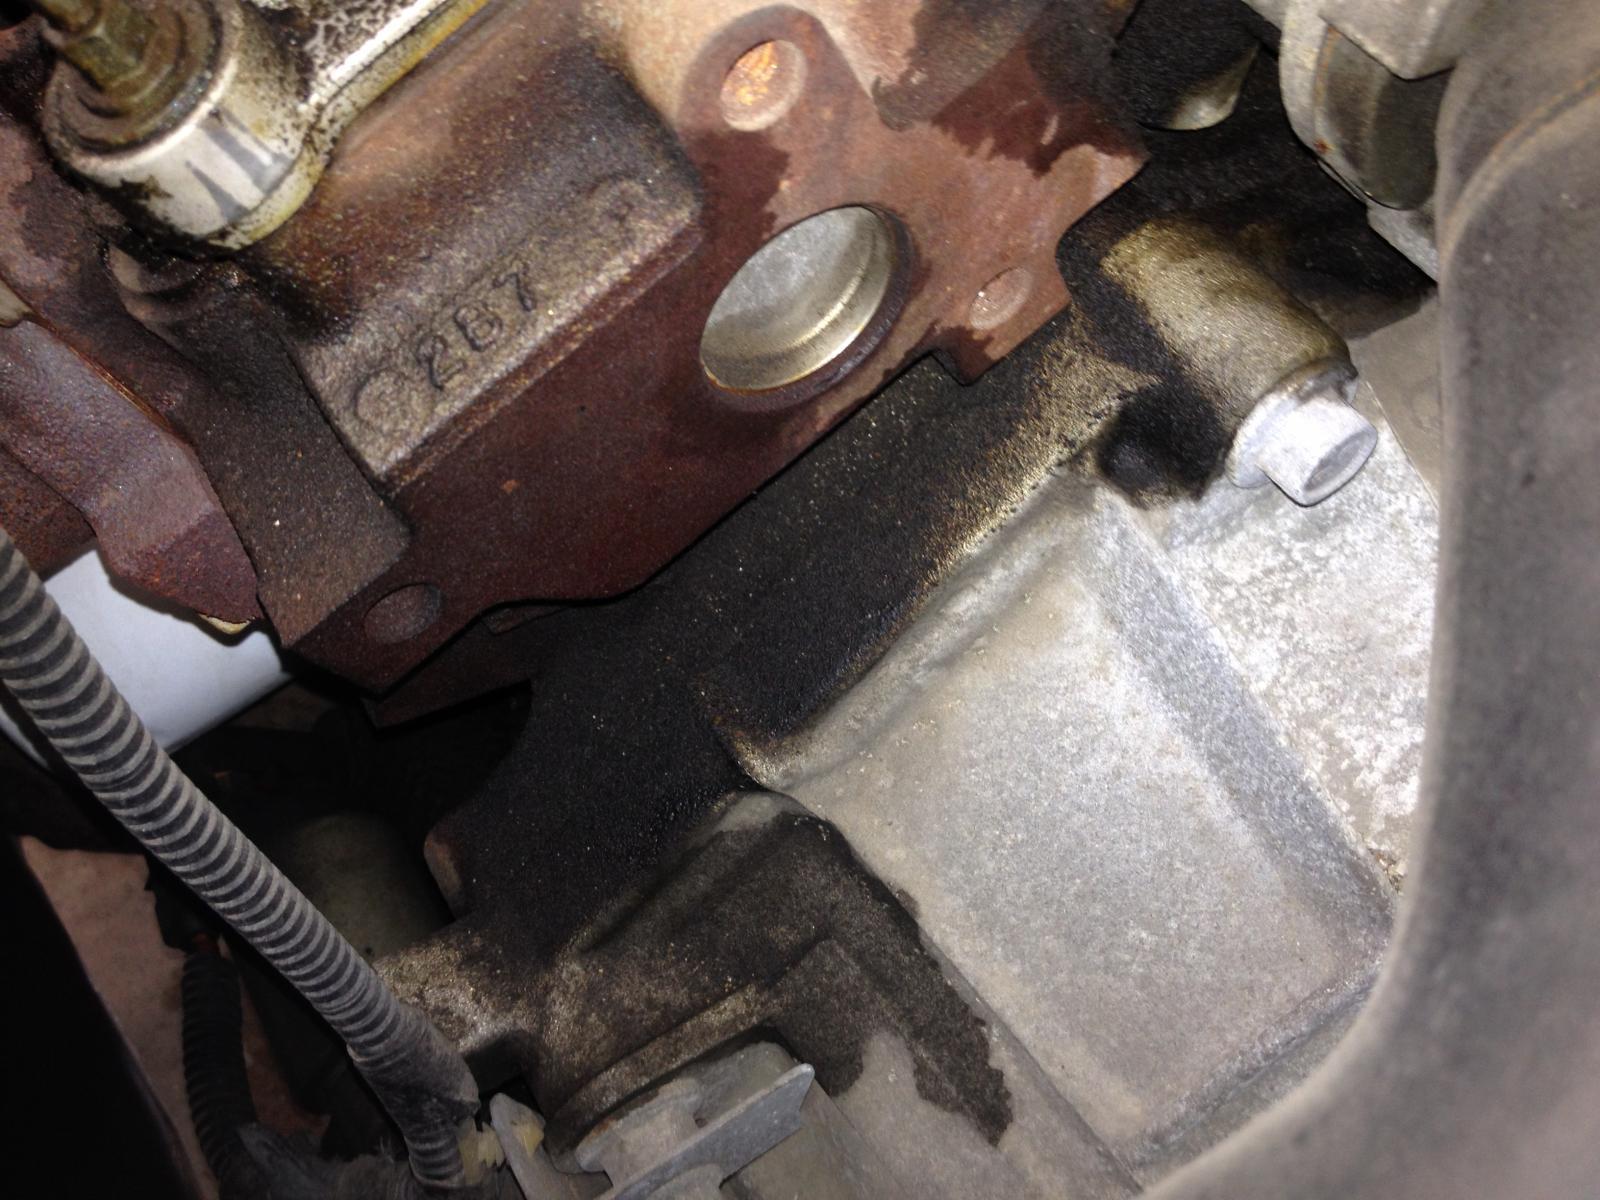 2002 SE Vulcan - Leaking Head Gasket? - Taurus Car Club of America